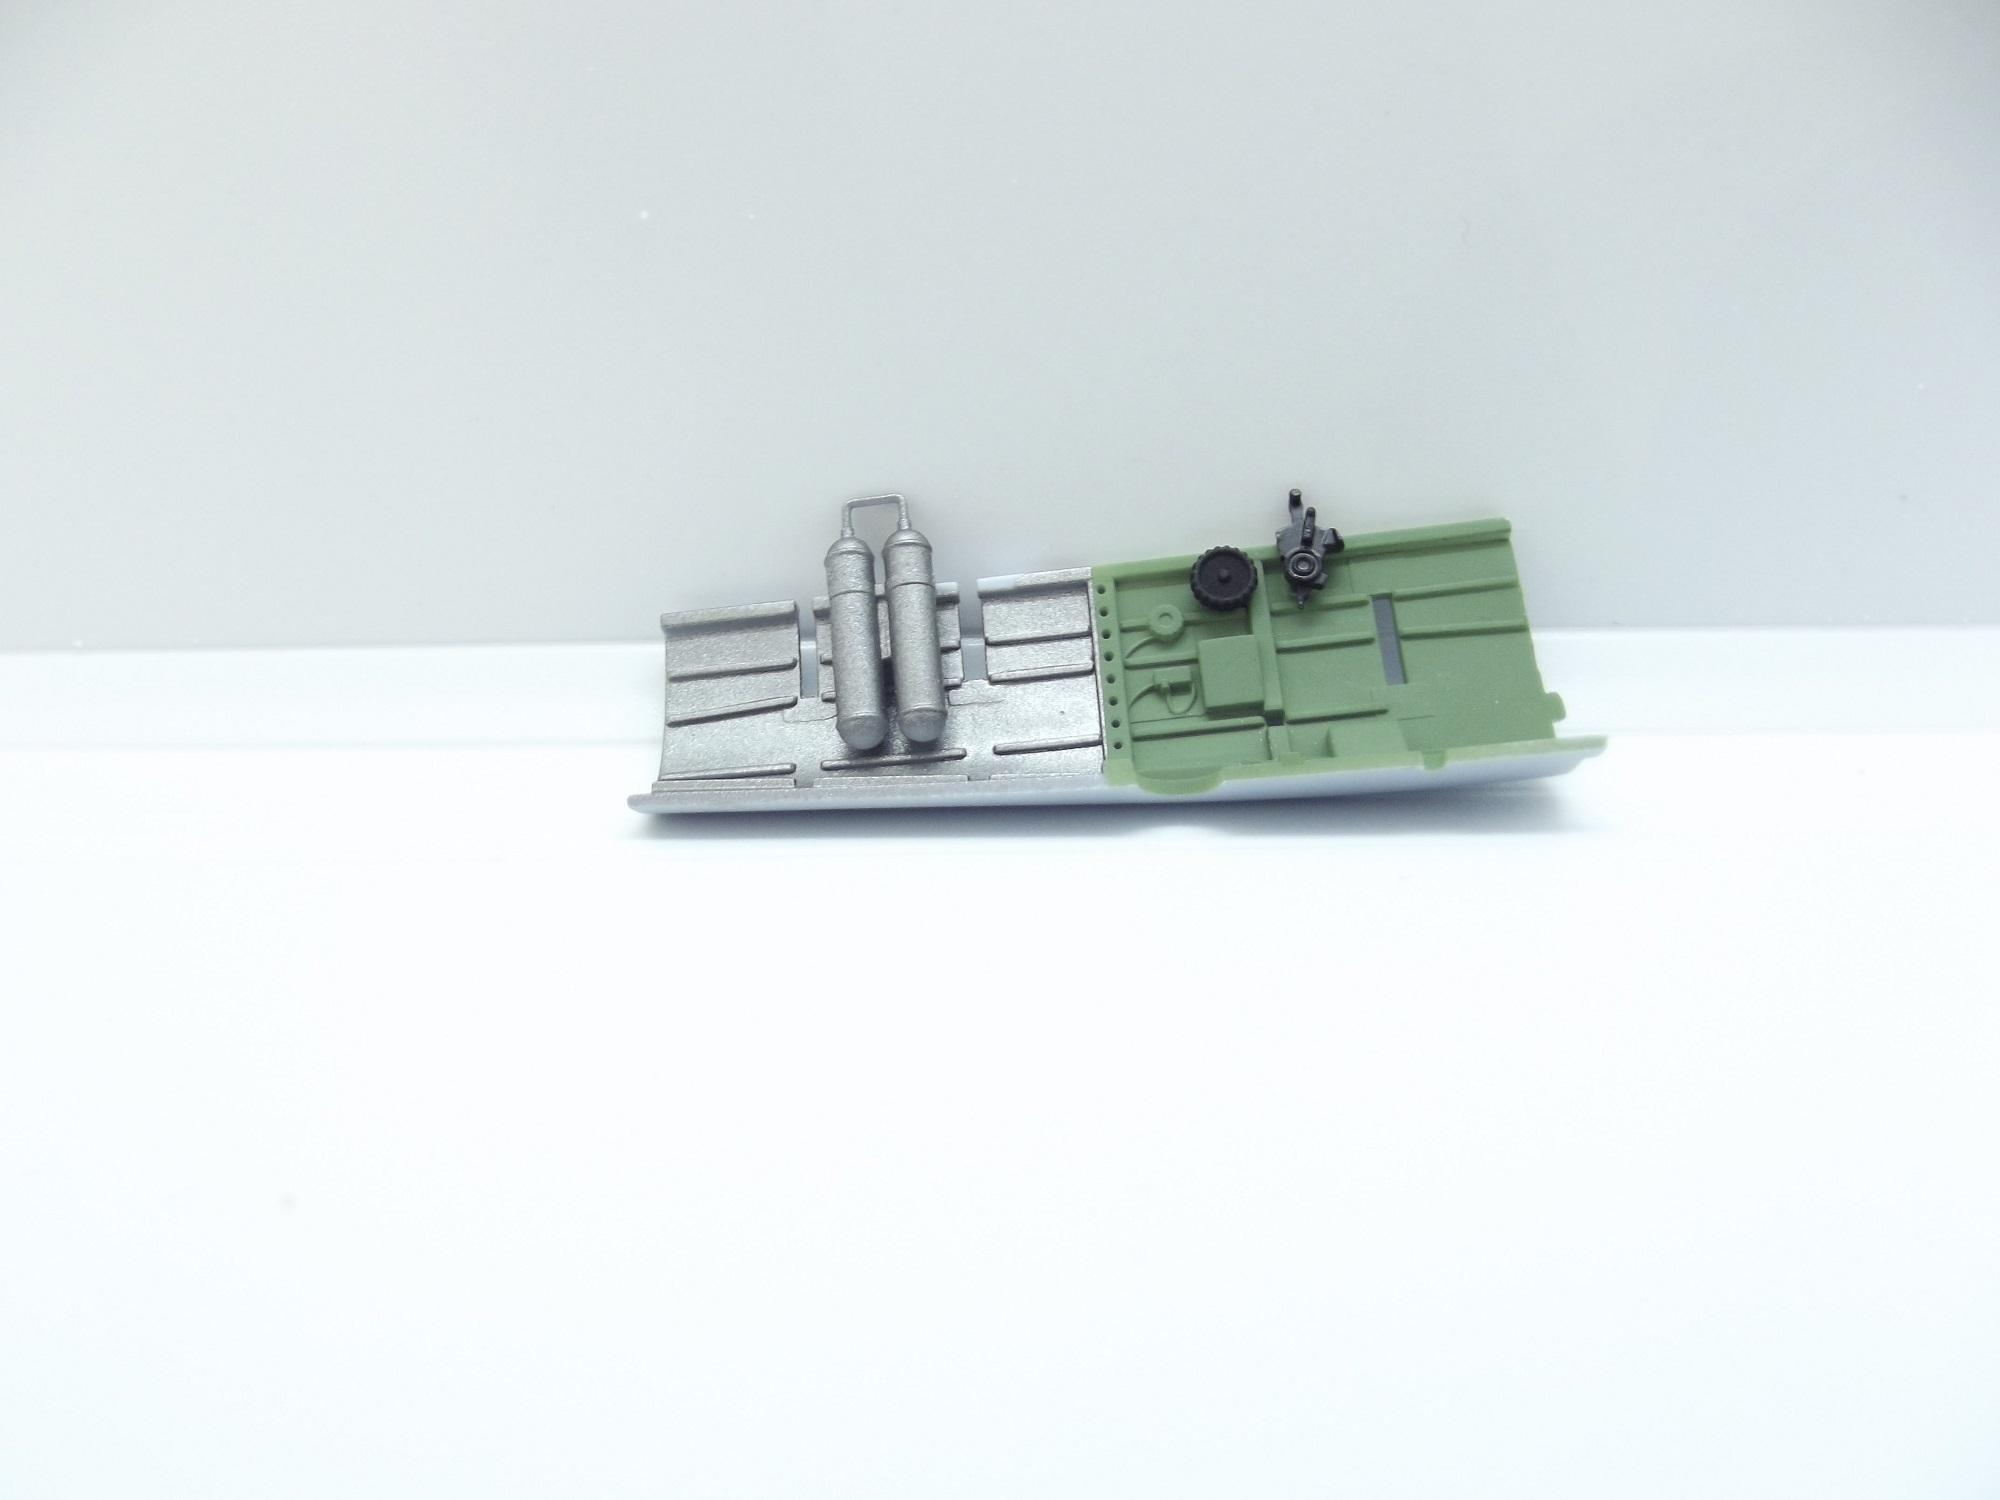 Supermarine Spitfire MK.I/ 1:48/airfix par benco56 181020103823498069